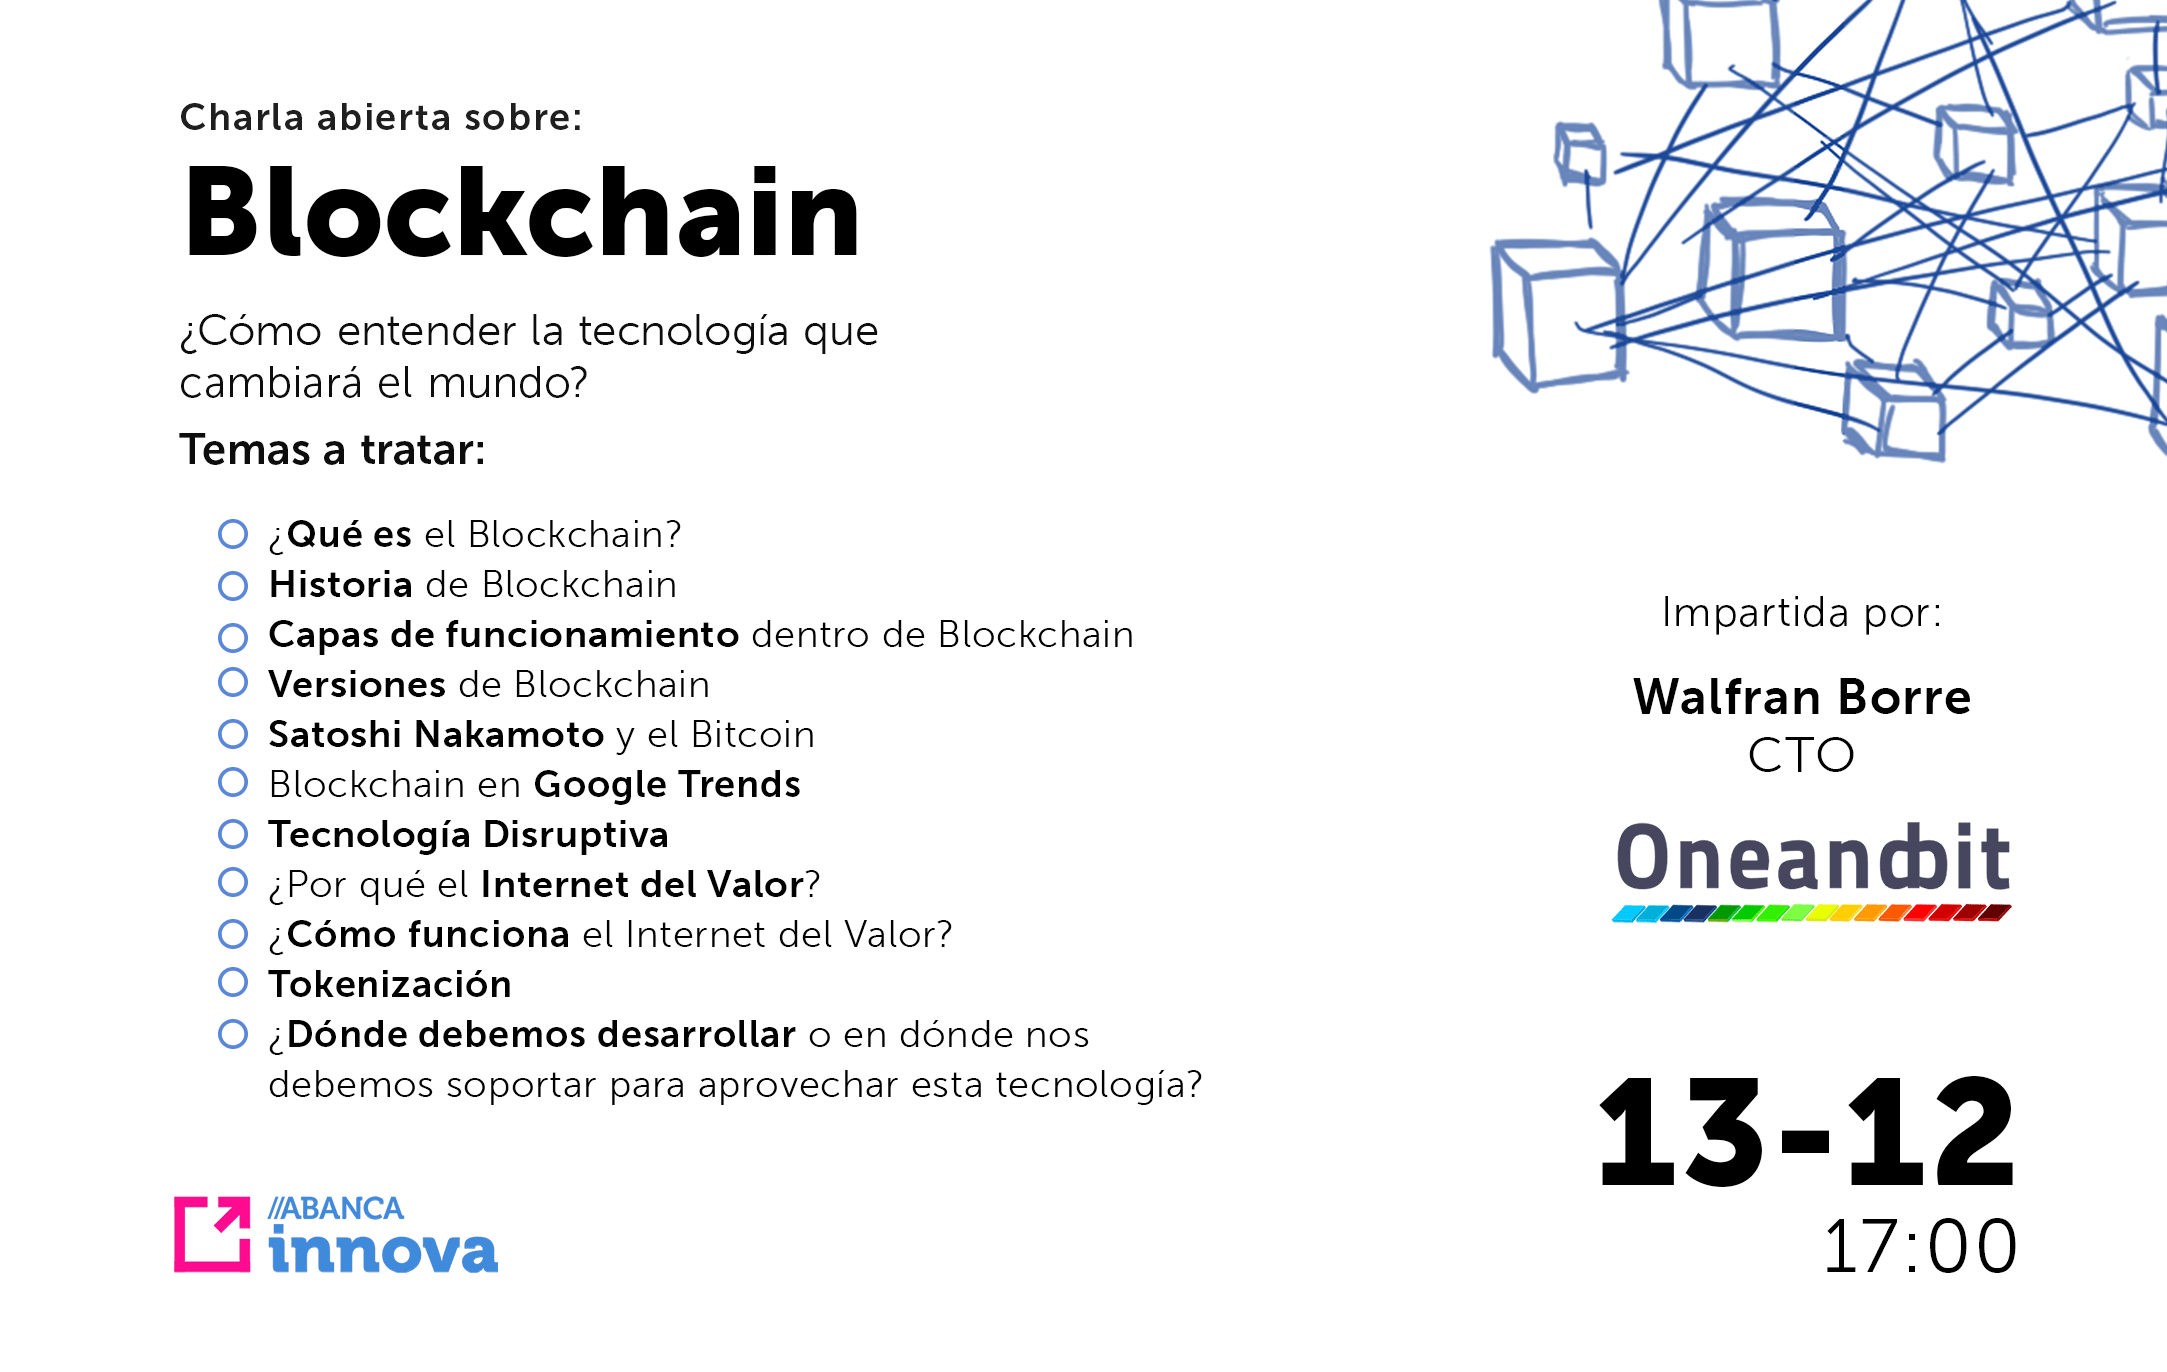 Charla abierta sobre Blockchain: ¿Cómo entender la tecnología que revolucionará al mundo?